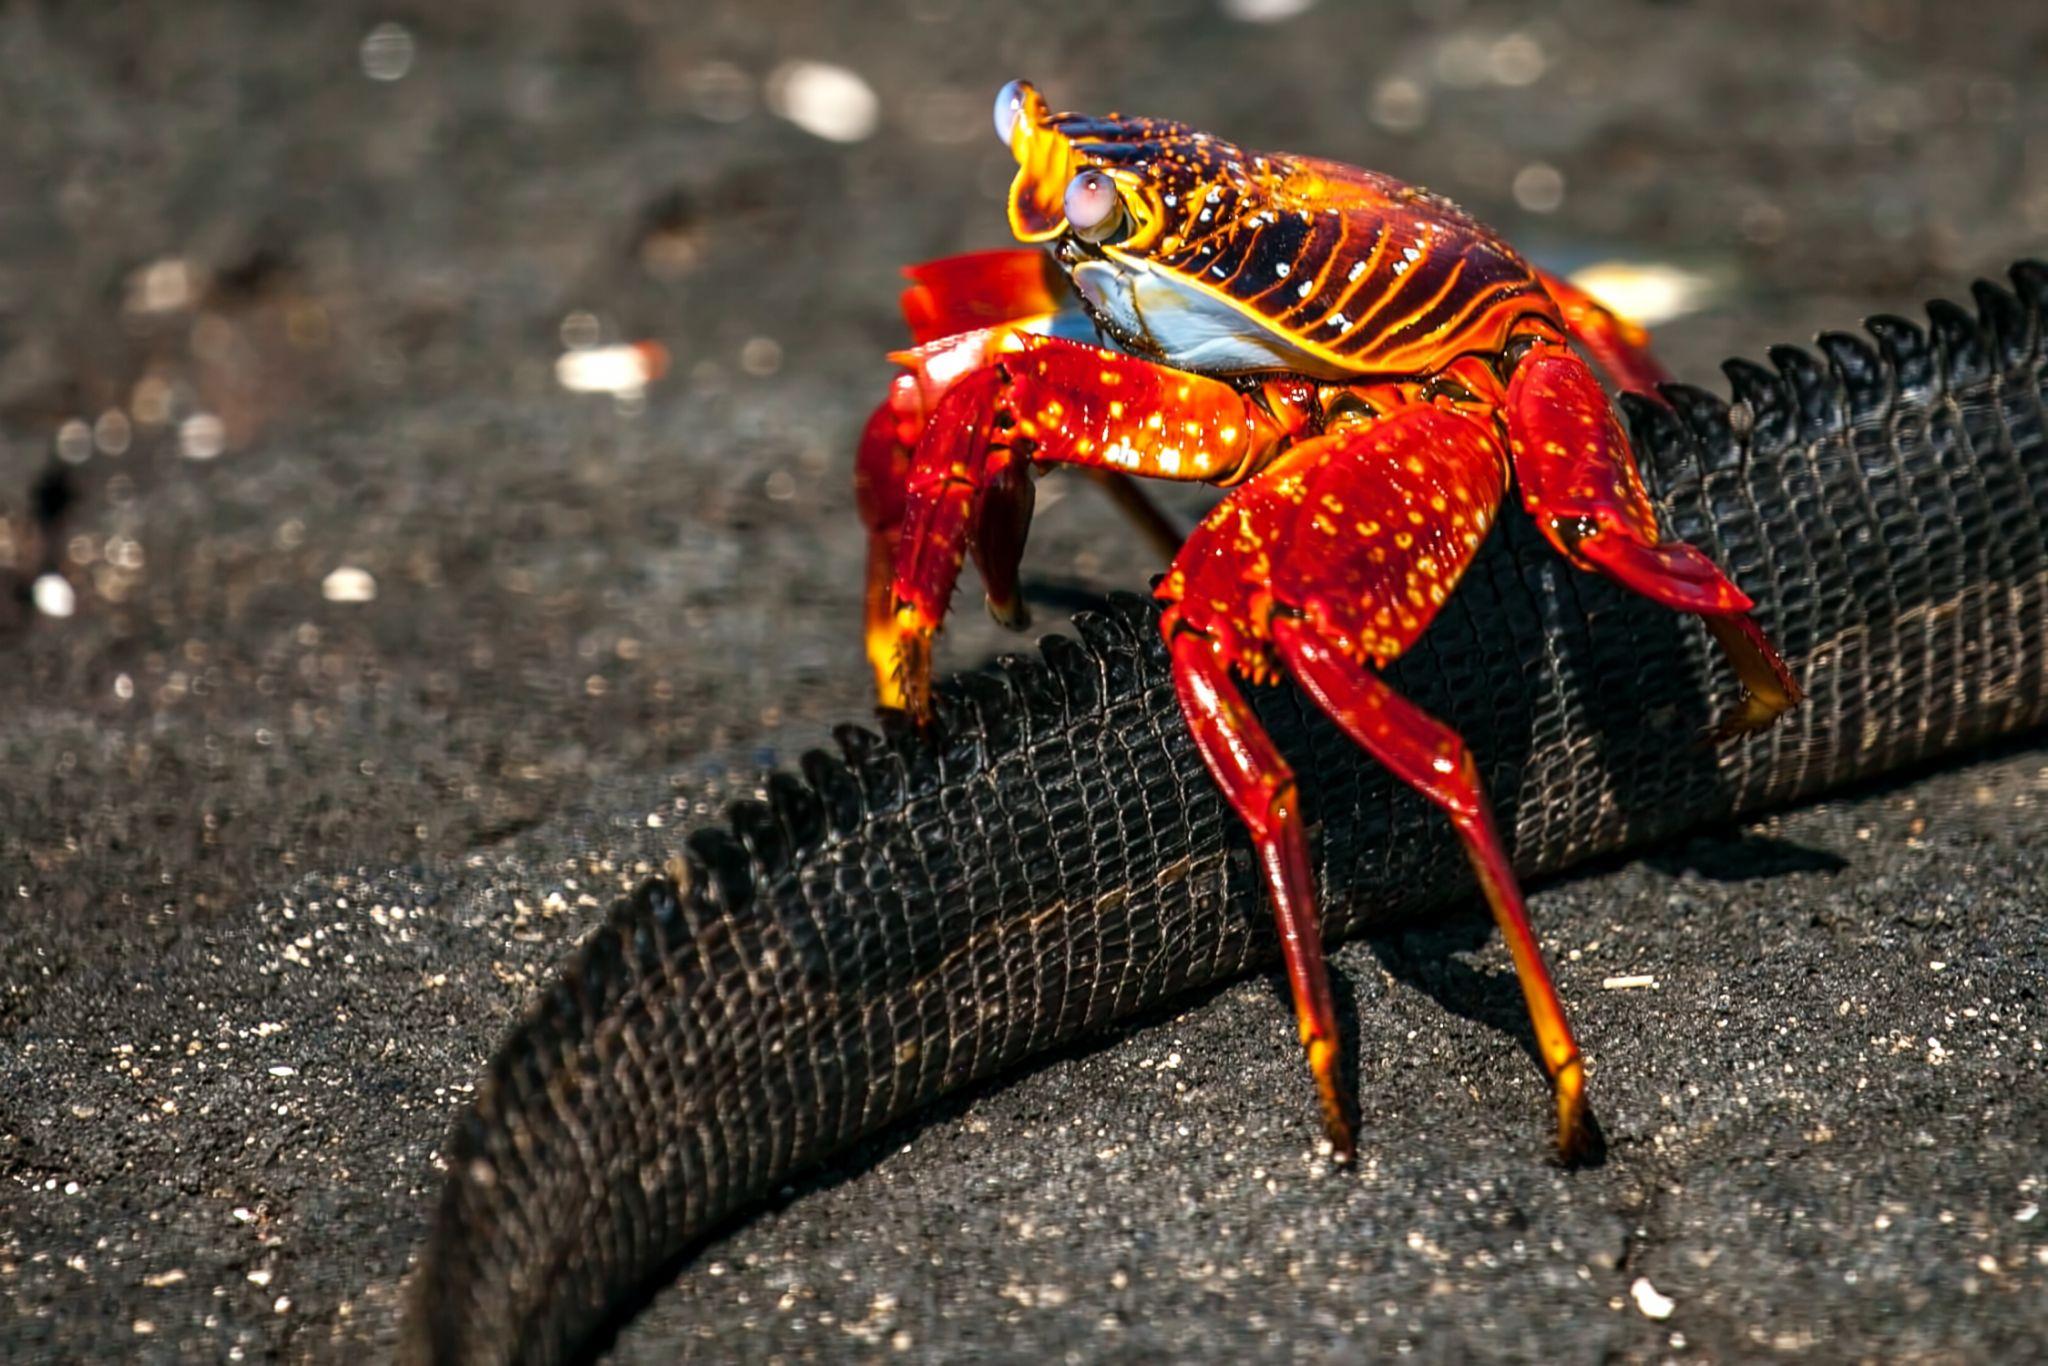 Sally Lightfoot crab on Iguana tail Galapagos Islands, Ecuador